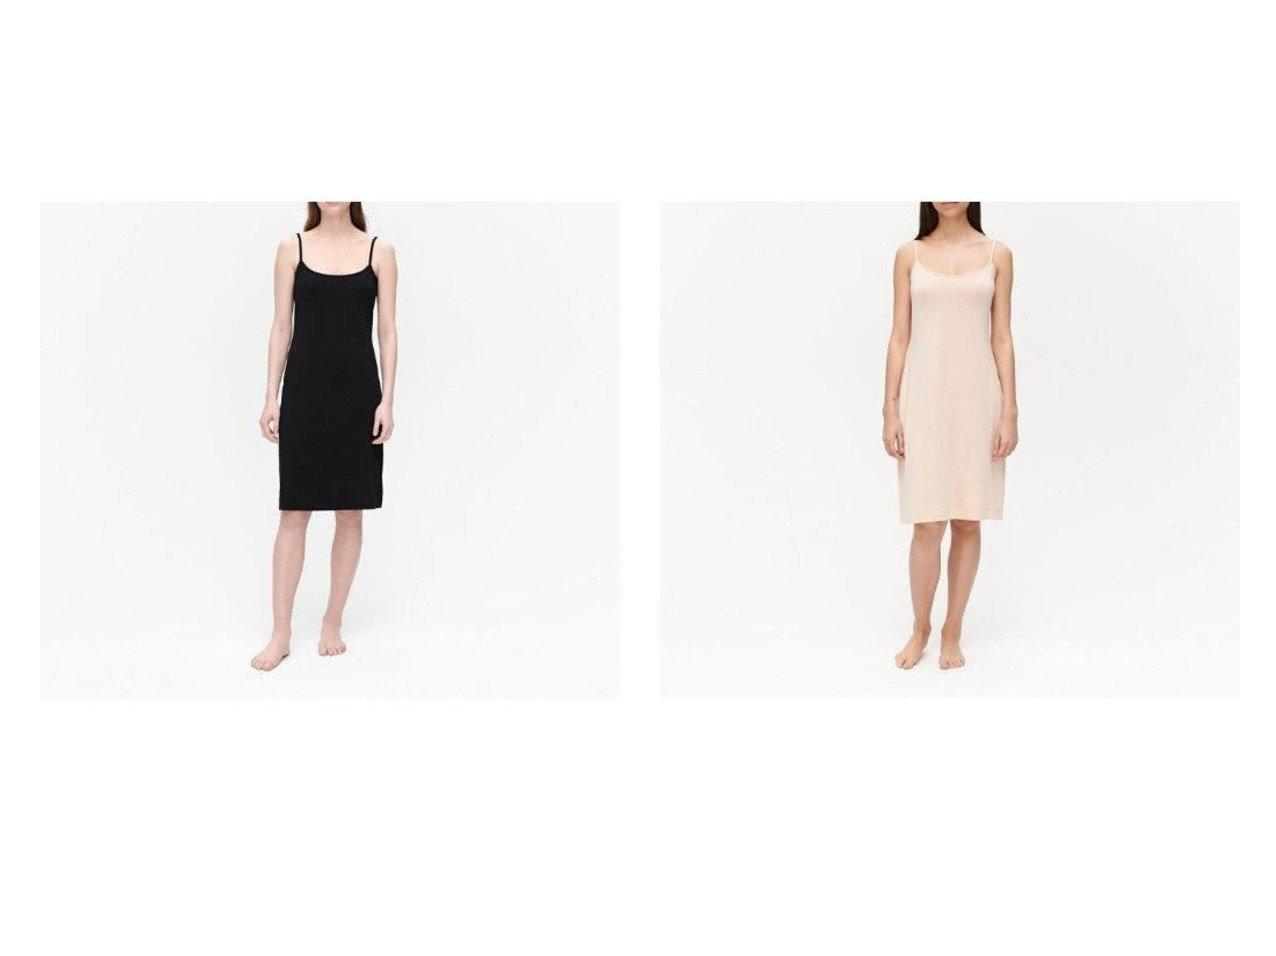 【marimekko/マリメッコ】のSyd meni アンダードレス マリメッコのおすすめ!人気、トレンド・レディースファッションの通販 おすすめで人気の流行・トレンド、ファッションの通販商品 メンズファッション・キッズファッション・インテリア・家具・レディースファッション・服の通販 founy(ファニー) https://founy.com/ ファッション Fashion レディースファッション WOMEN トップス カットソー Tops Tshirt キャミソール / ノースリーブ No Sleeves シャツ/ブラウス Shirts Blouses ロング / Tシャツ T-Shirts カットソー Cut and Sewn ワンピース Dress ドレス Party Dresses アンダー インナー カットソー キャミソール ドレス ミドル 無地 |ID:crp329100000021909